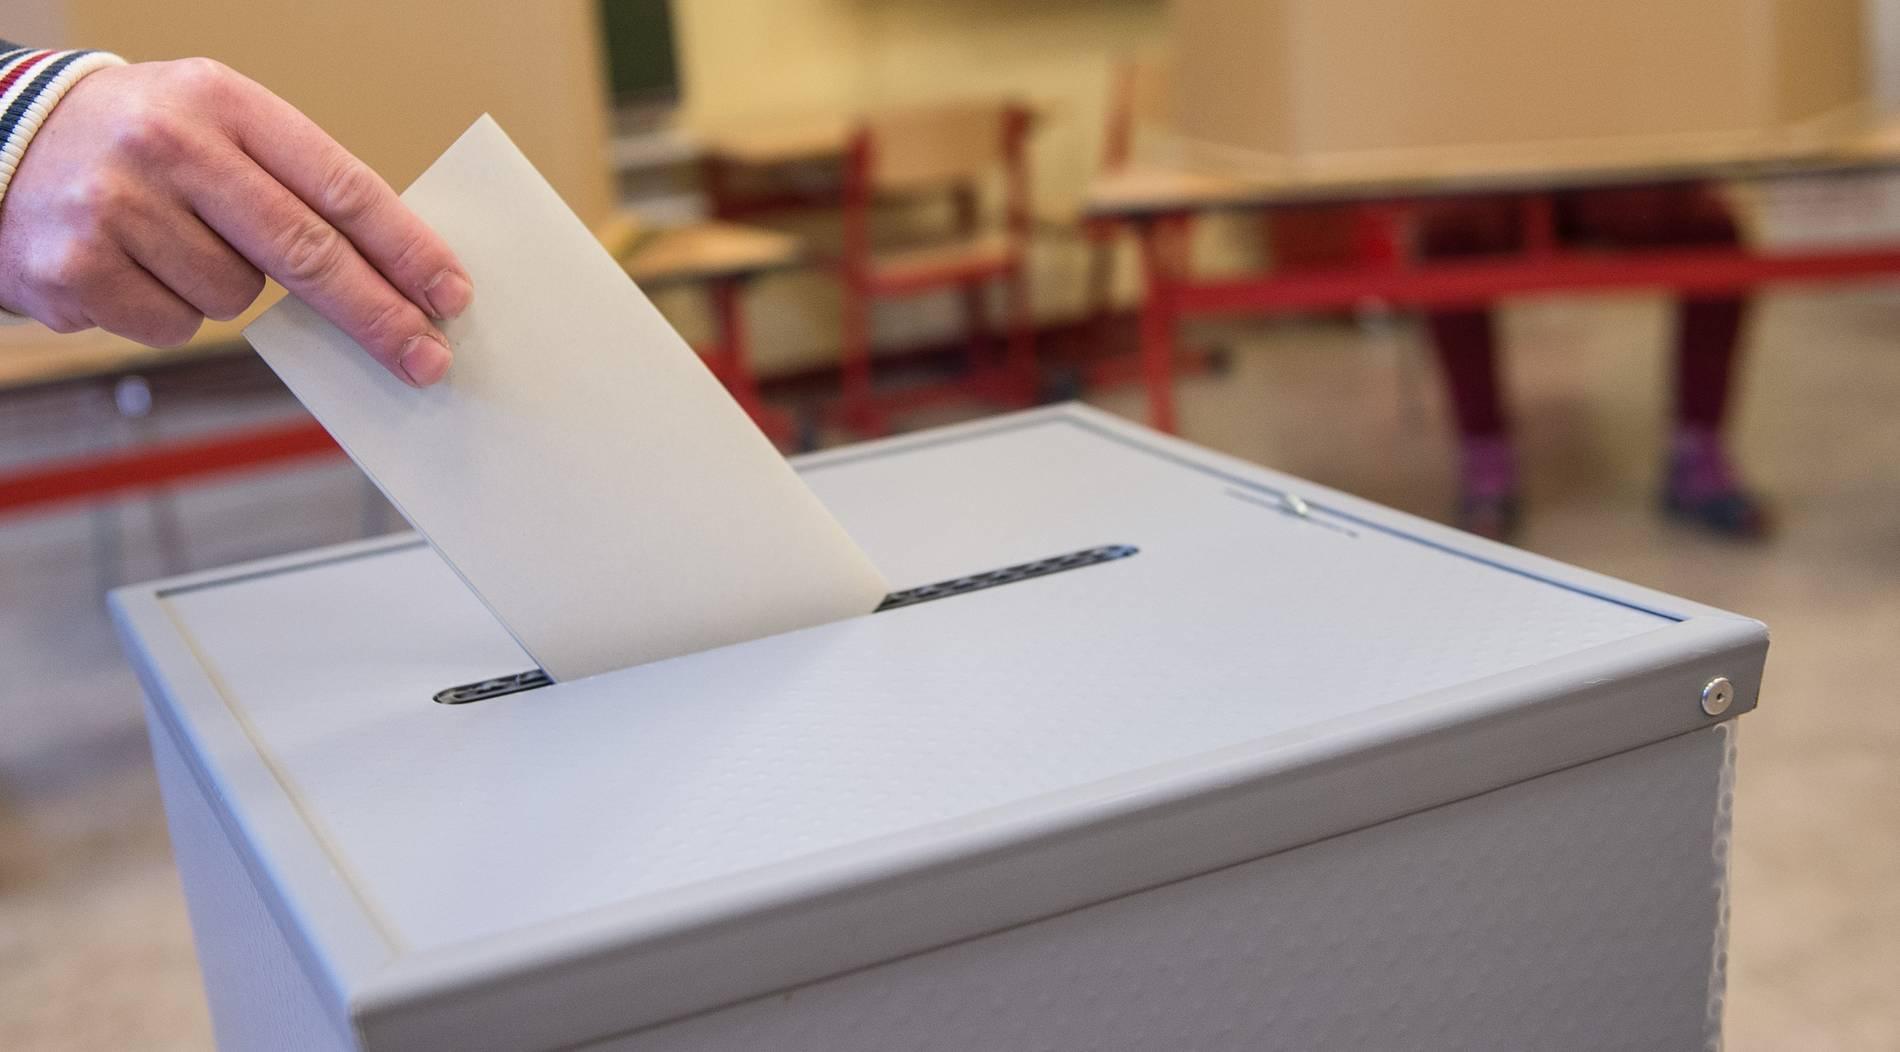 Für AfD vorausgefüllter Wahlzettel in Sachsen aufgetaucht